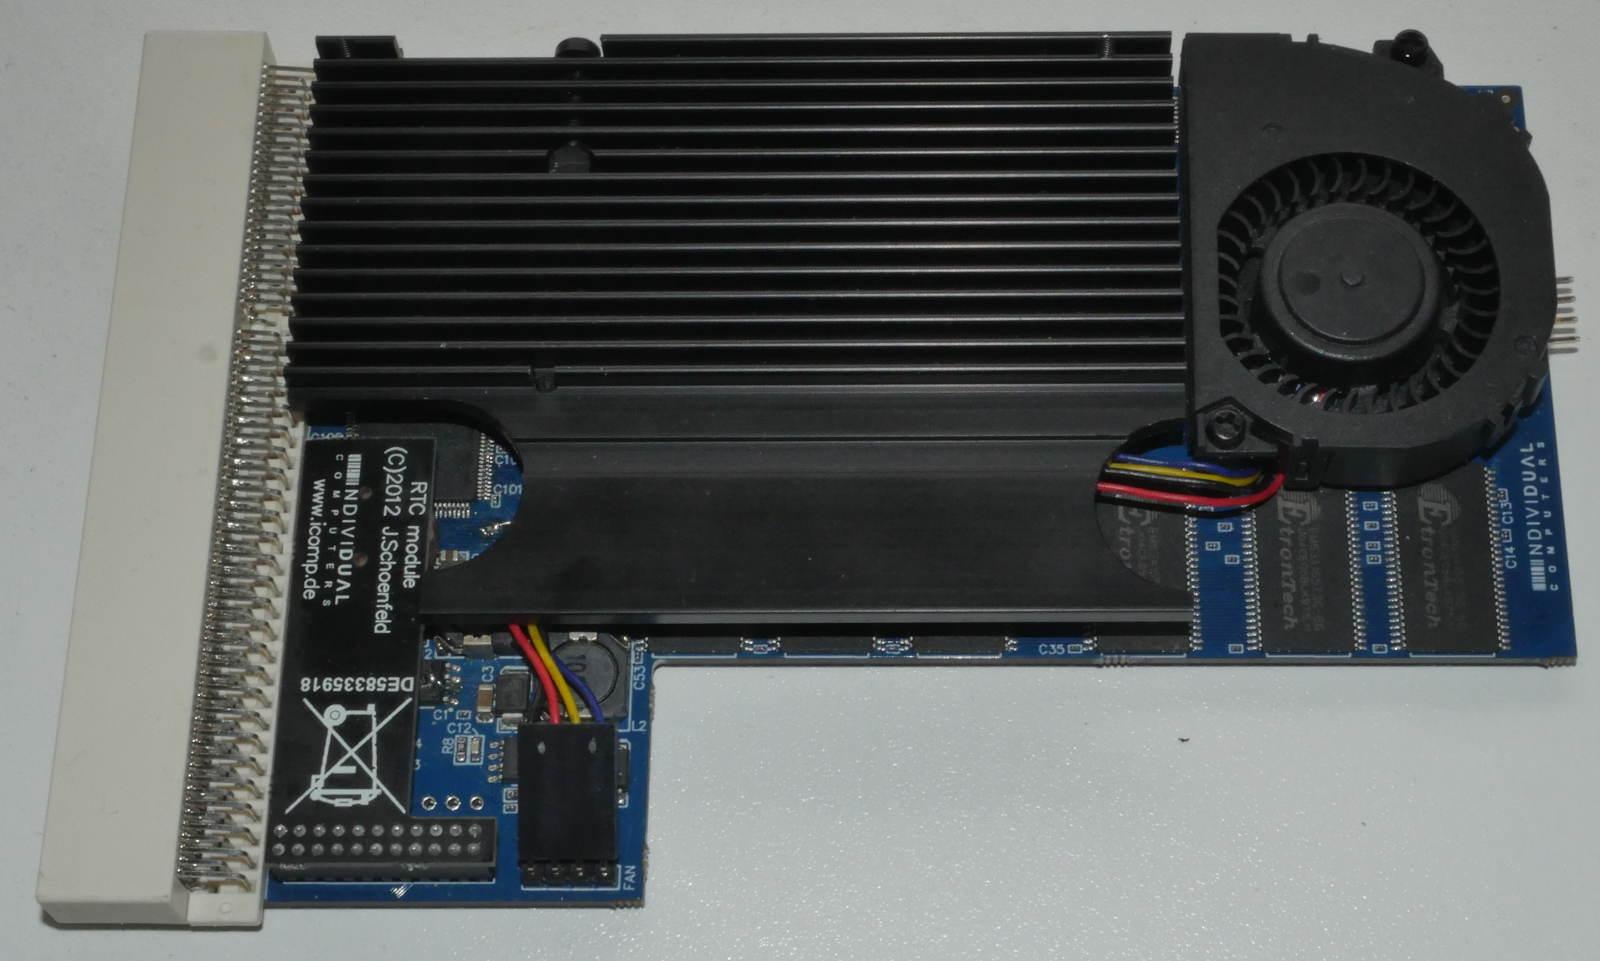 Klikněte na obrázek pro zobrazení větší verze  Název: ACA1260_prototype.JPG Zobrazeno: 50 Velikost: 117,5 KB ID: 9938